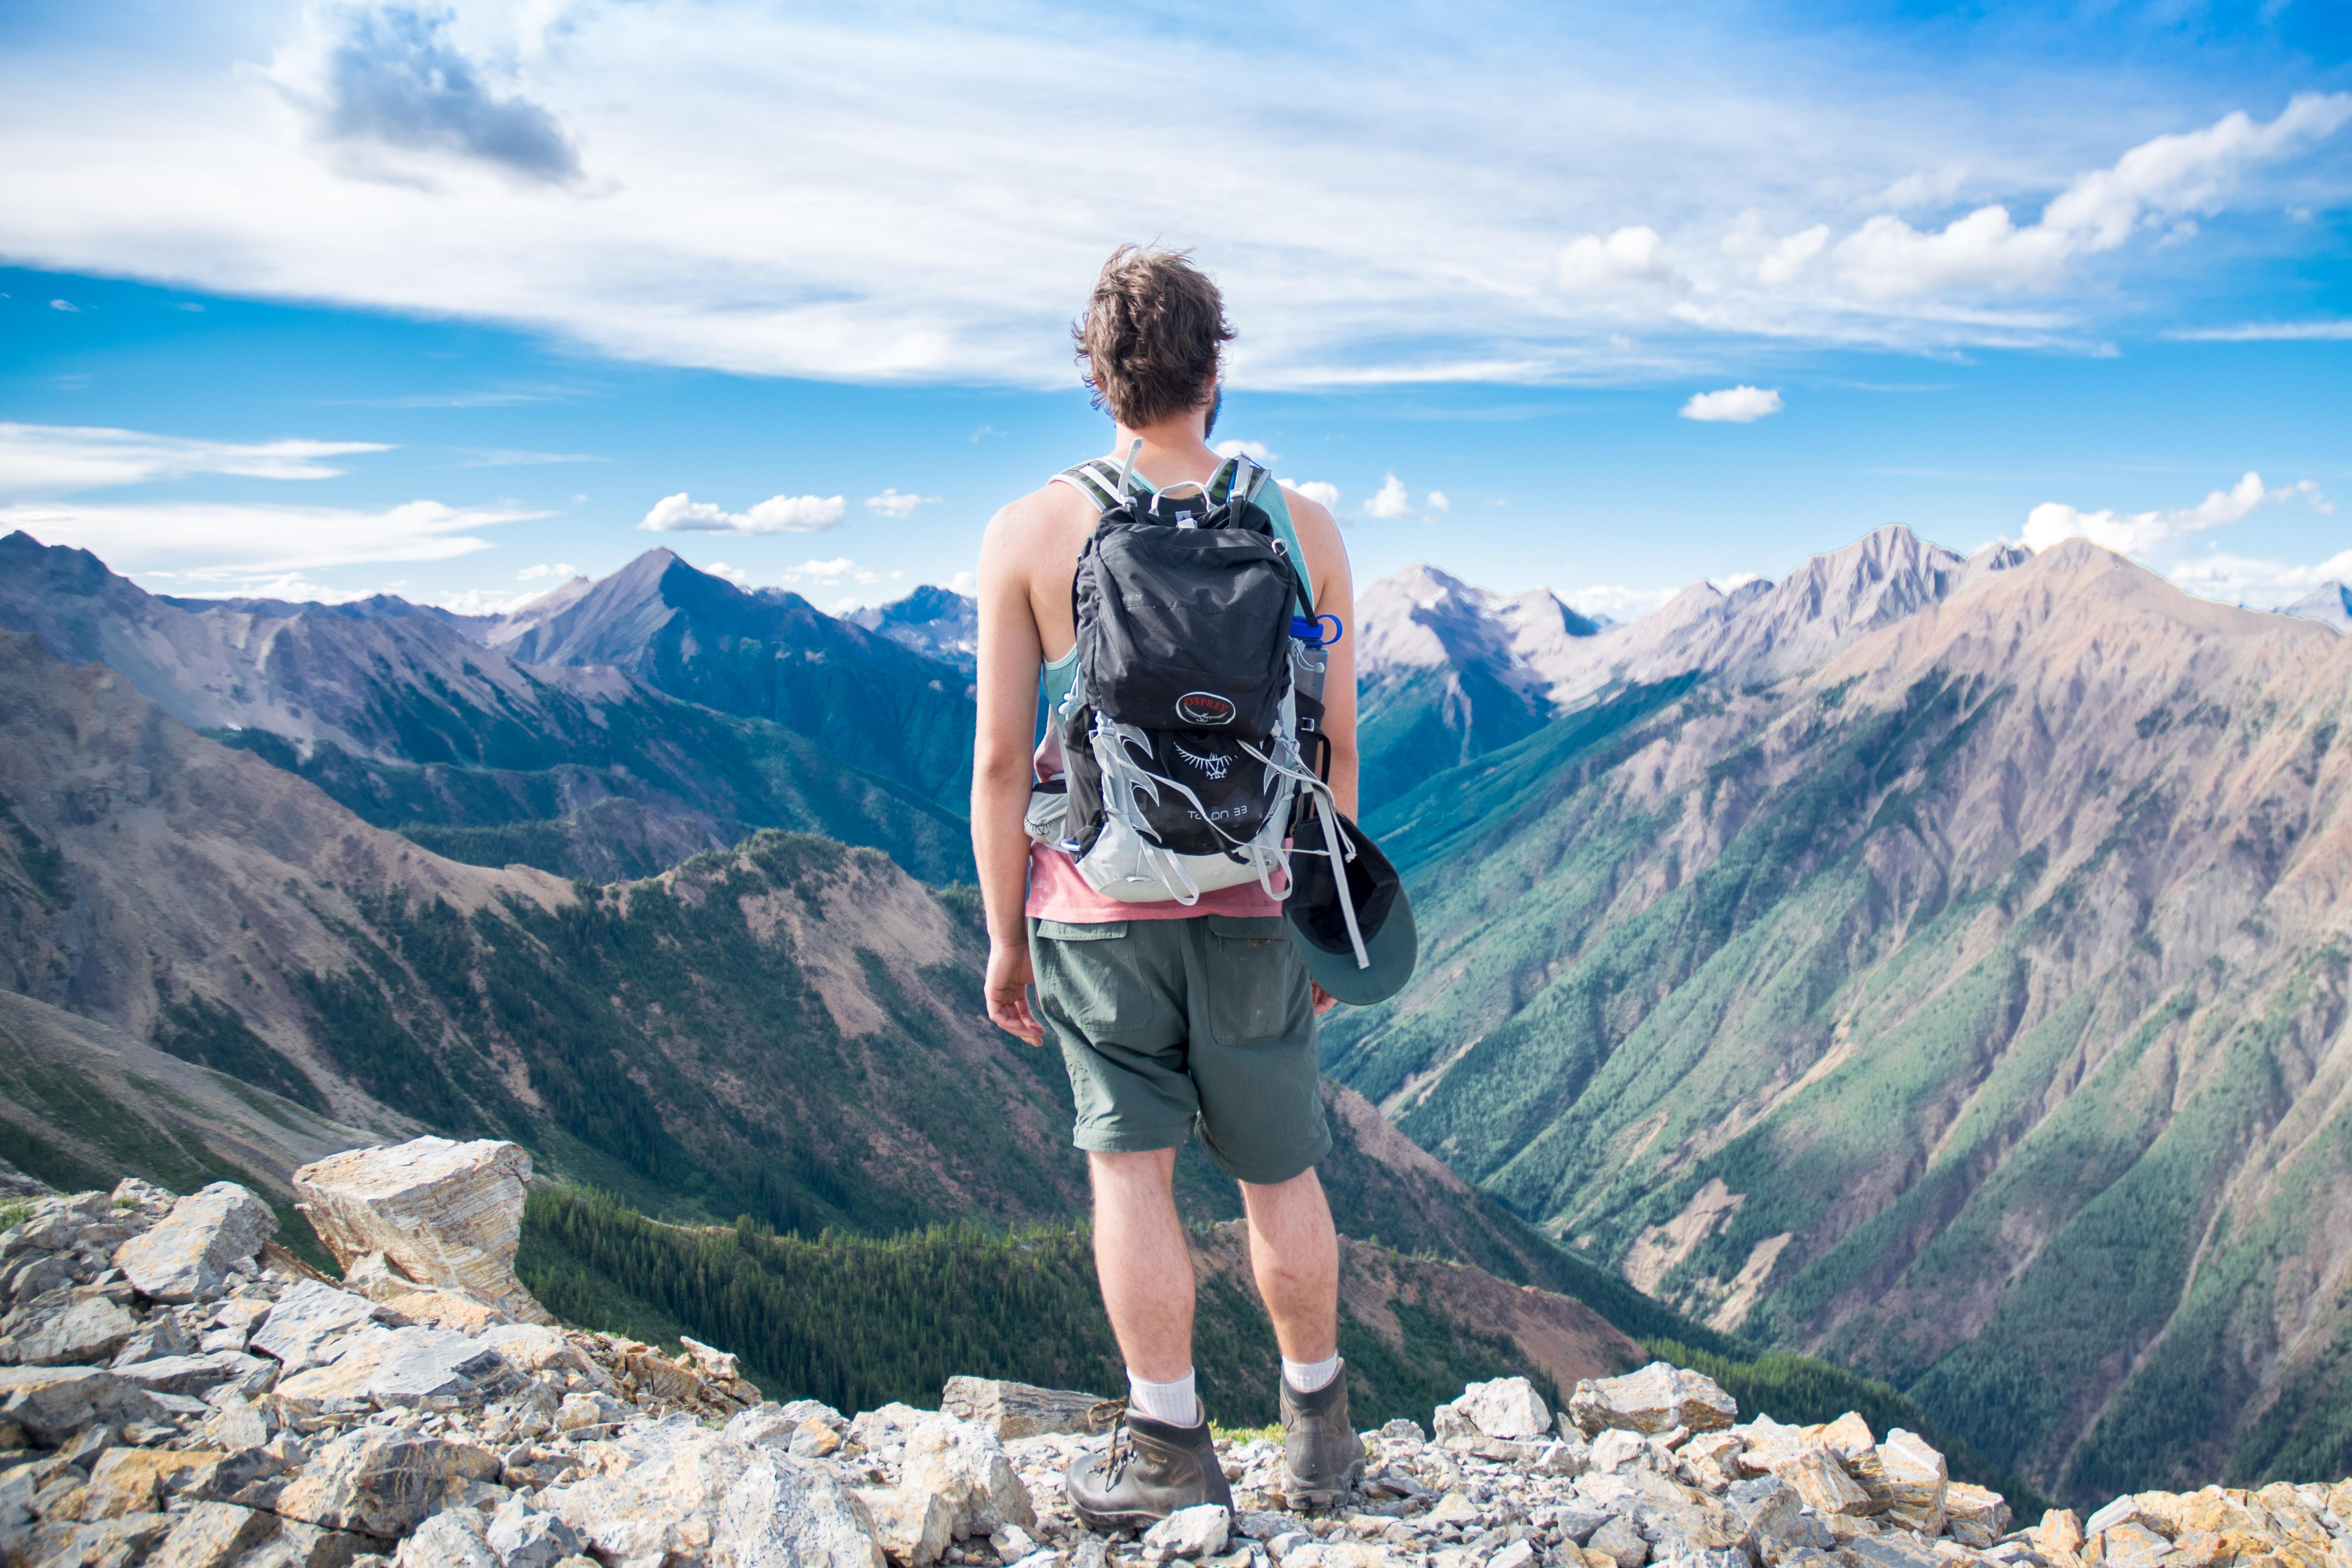 теплую как снять фото человека на фоне пейзажа своим размерам насекомое